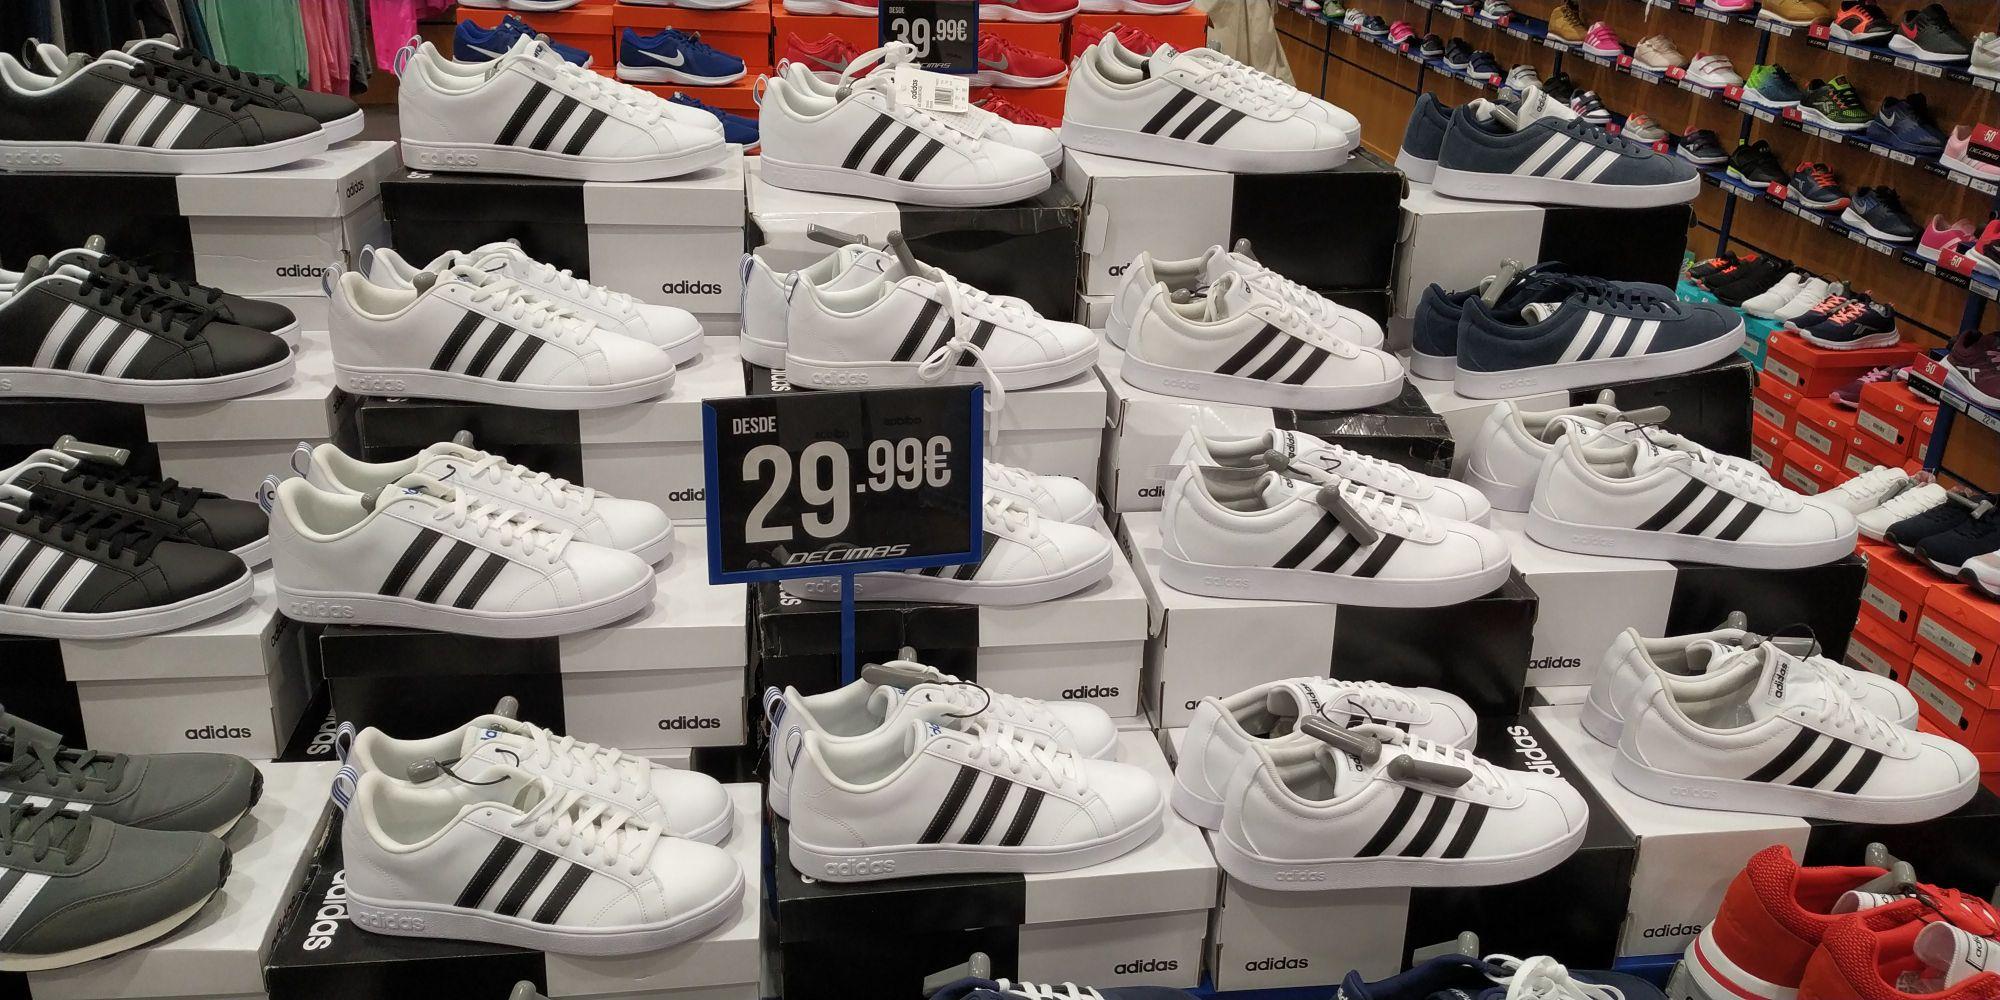 Zapatillas adidas (Décimas del centro comercial Larios de Málaga)